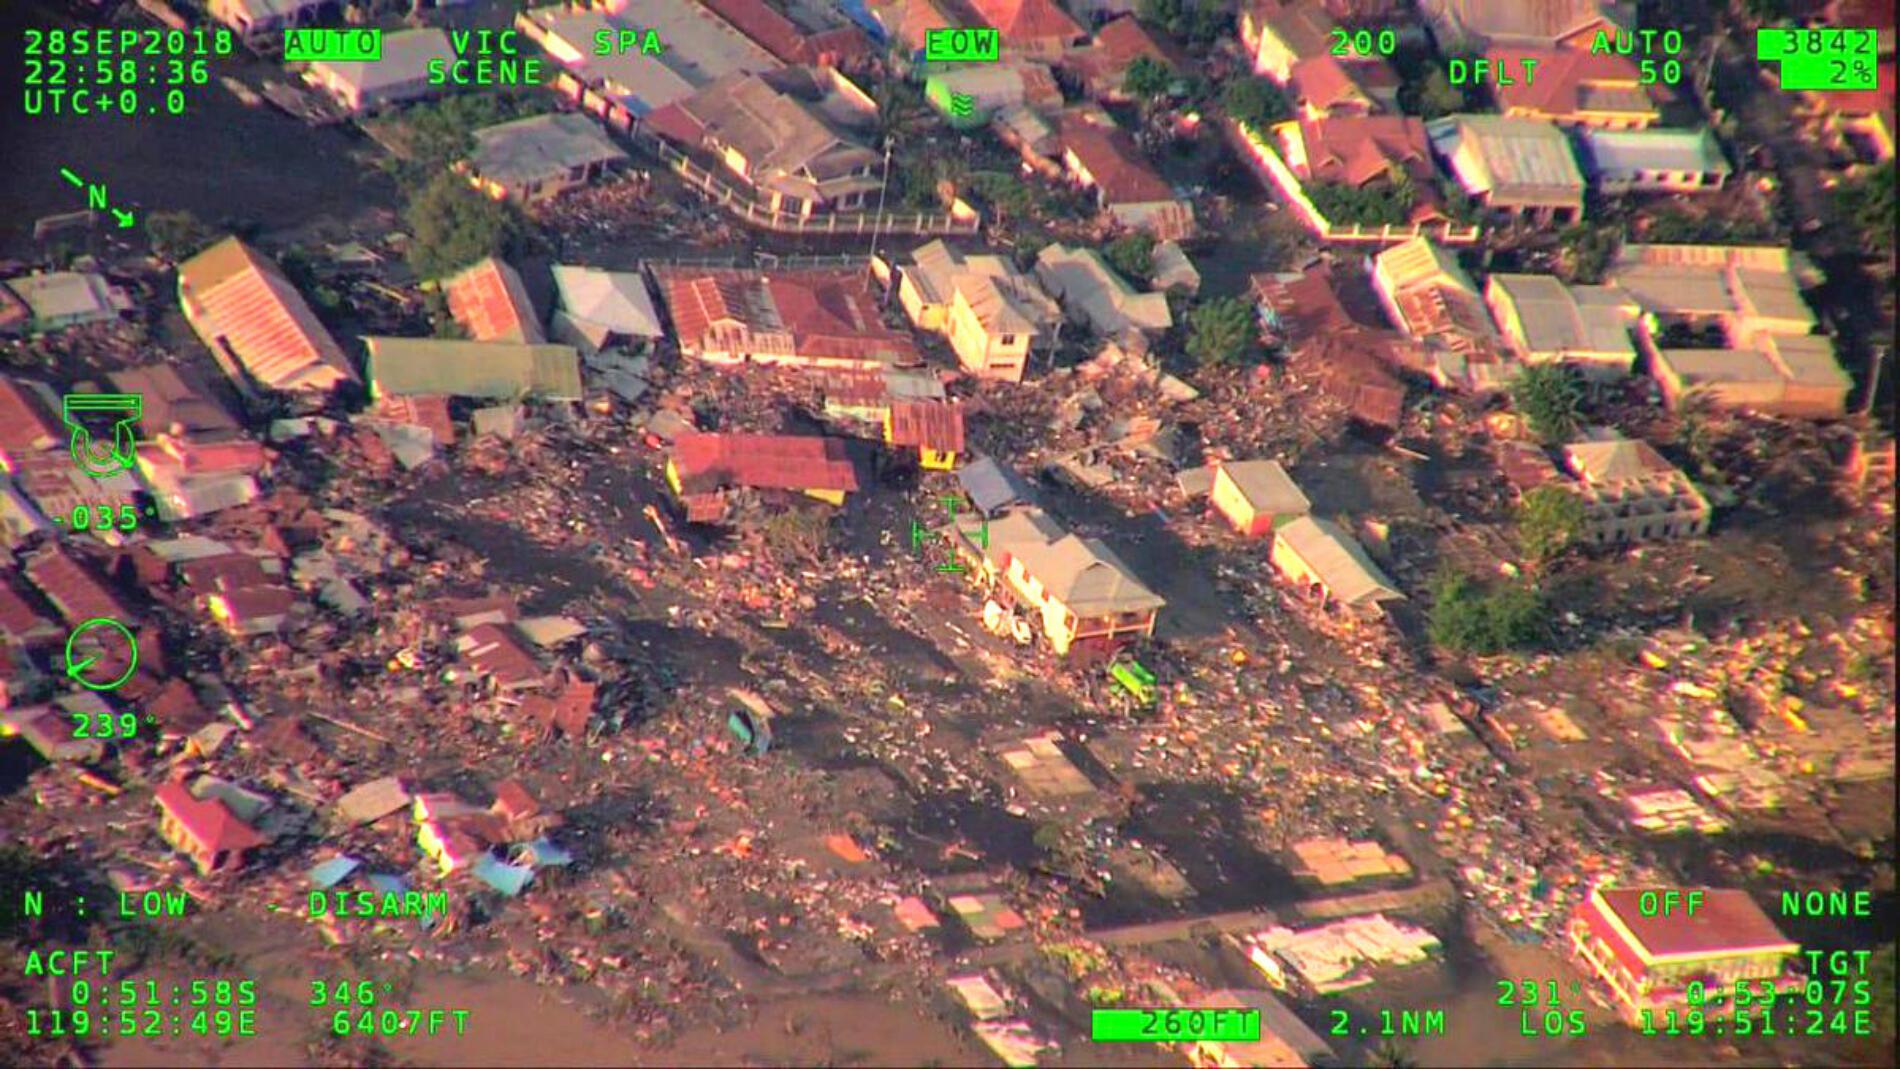 Le tremblement de terre de vendredi, d'une magnitude de 7,5 sur l'échelle de Richter, a provoqué des vagues mesurant jusqu'à 6 mètres et qui ont balayé les habitations de l'île indonésienne.